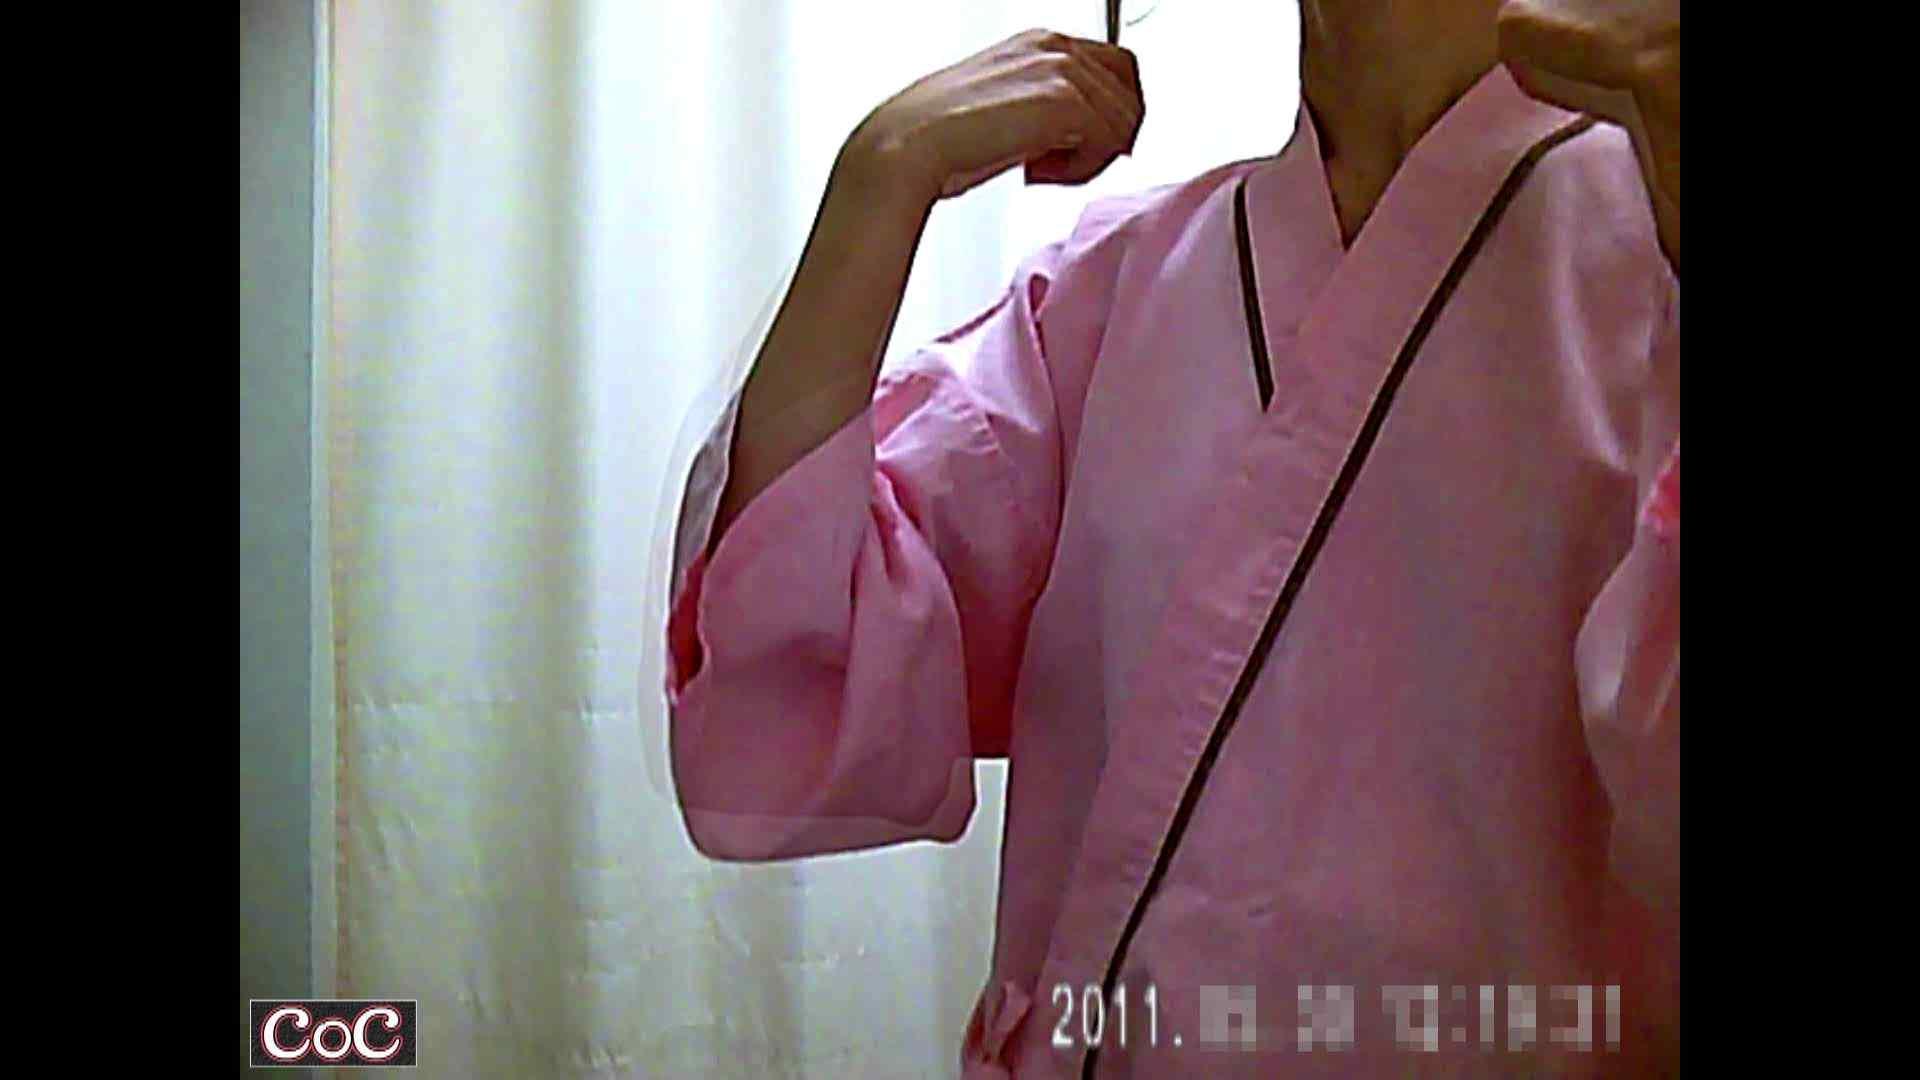 病院おもいっきり着替え! vol.01 エロティックなOL 濡れ場動画紹介 80画像 10